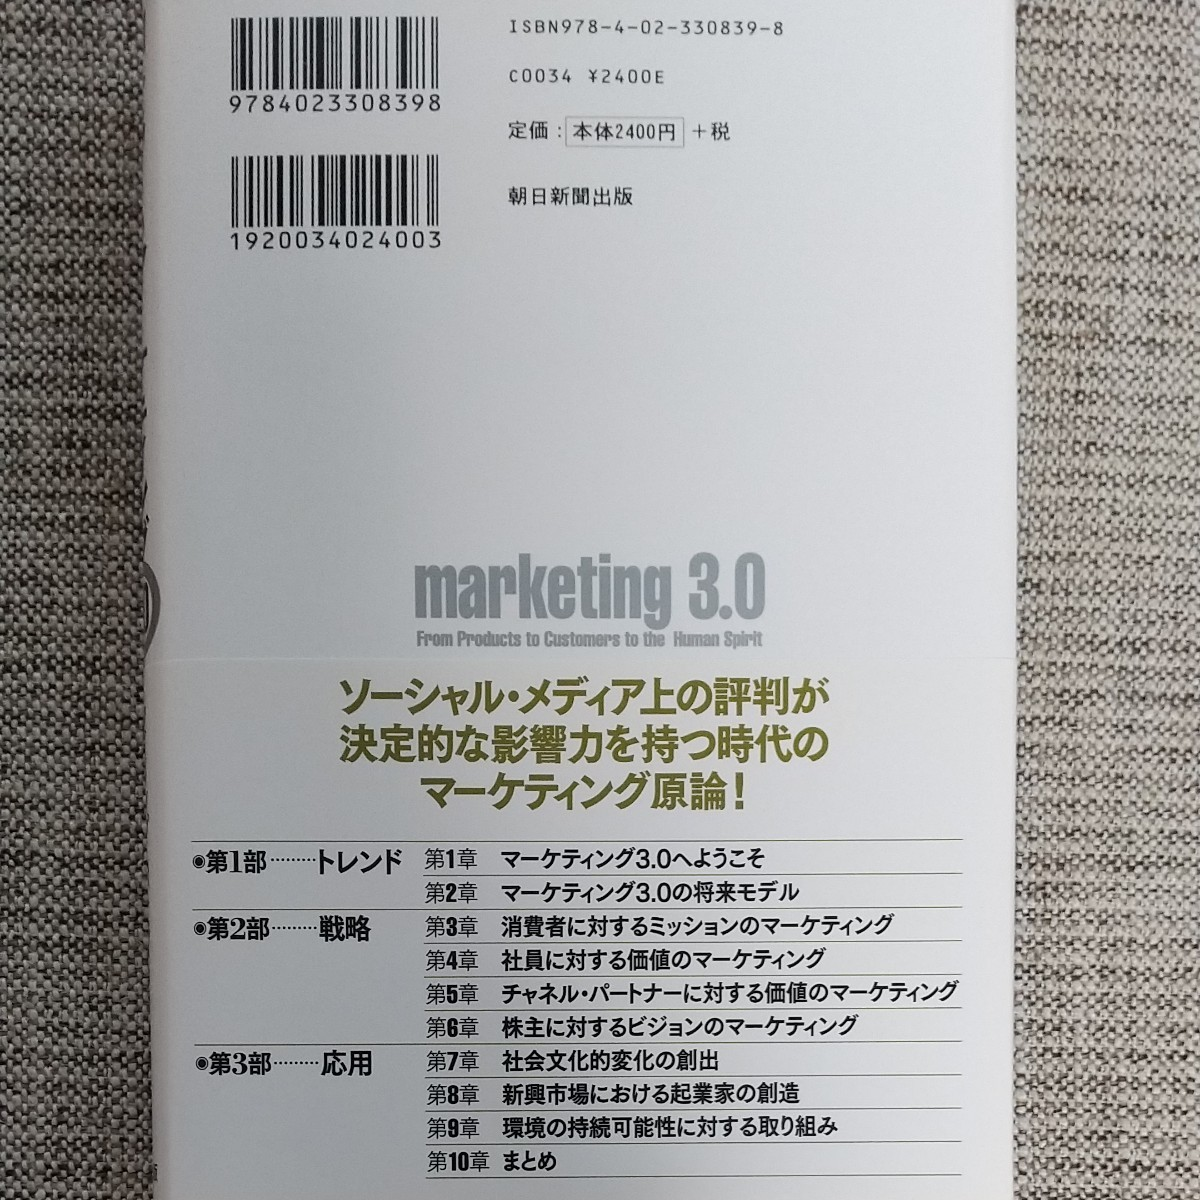 コトラーのマーケティング 3.0 ビジネス 仕事 自己啓発 通勤